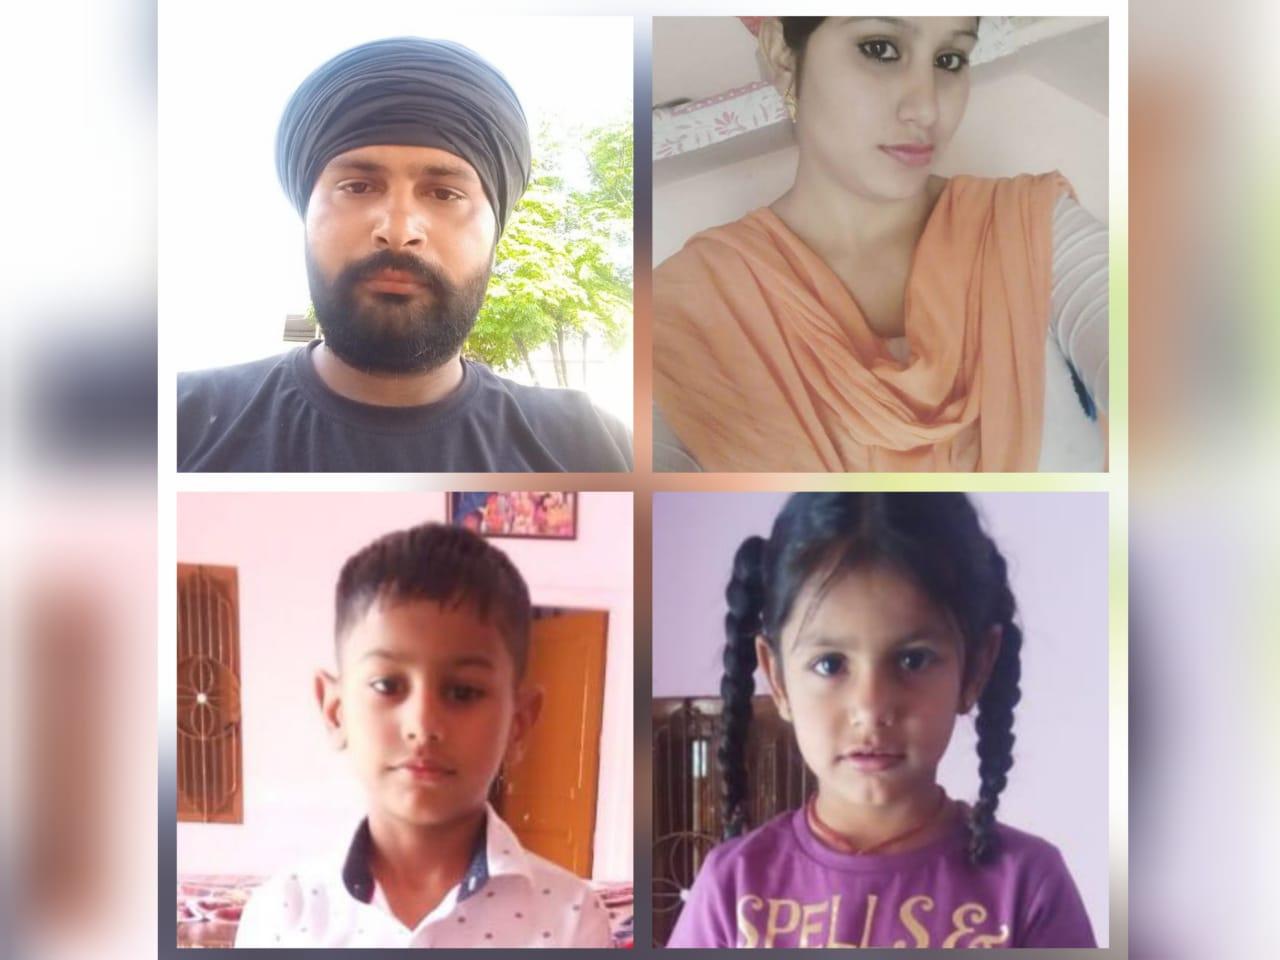 जालंधर में इंस्टाग्राम स्टार के पति ने 5 व 6 साल के बेटा-बेटी समेत जहर निगला, बाप-बेटी की मौत, बेटे की हालत गंभीर|जालंधर,Jalandhar - Dainik Bhaskar